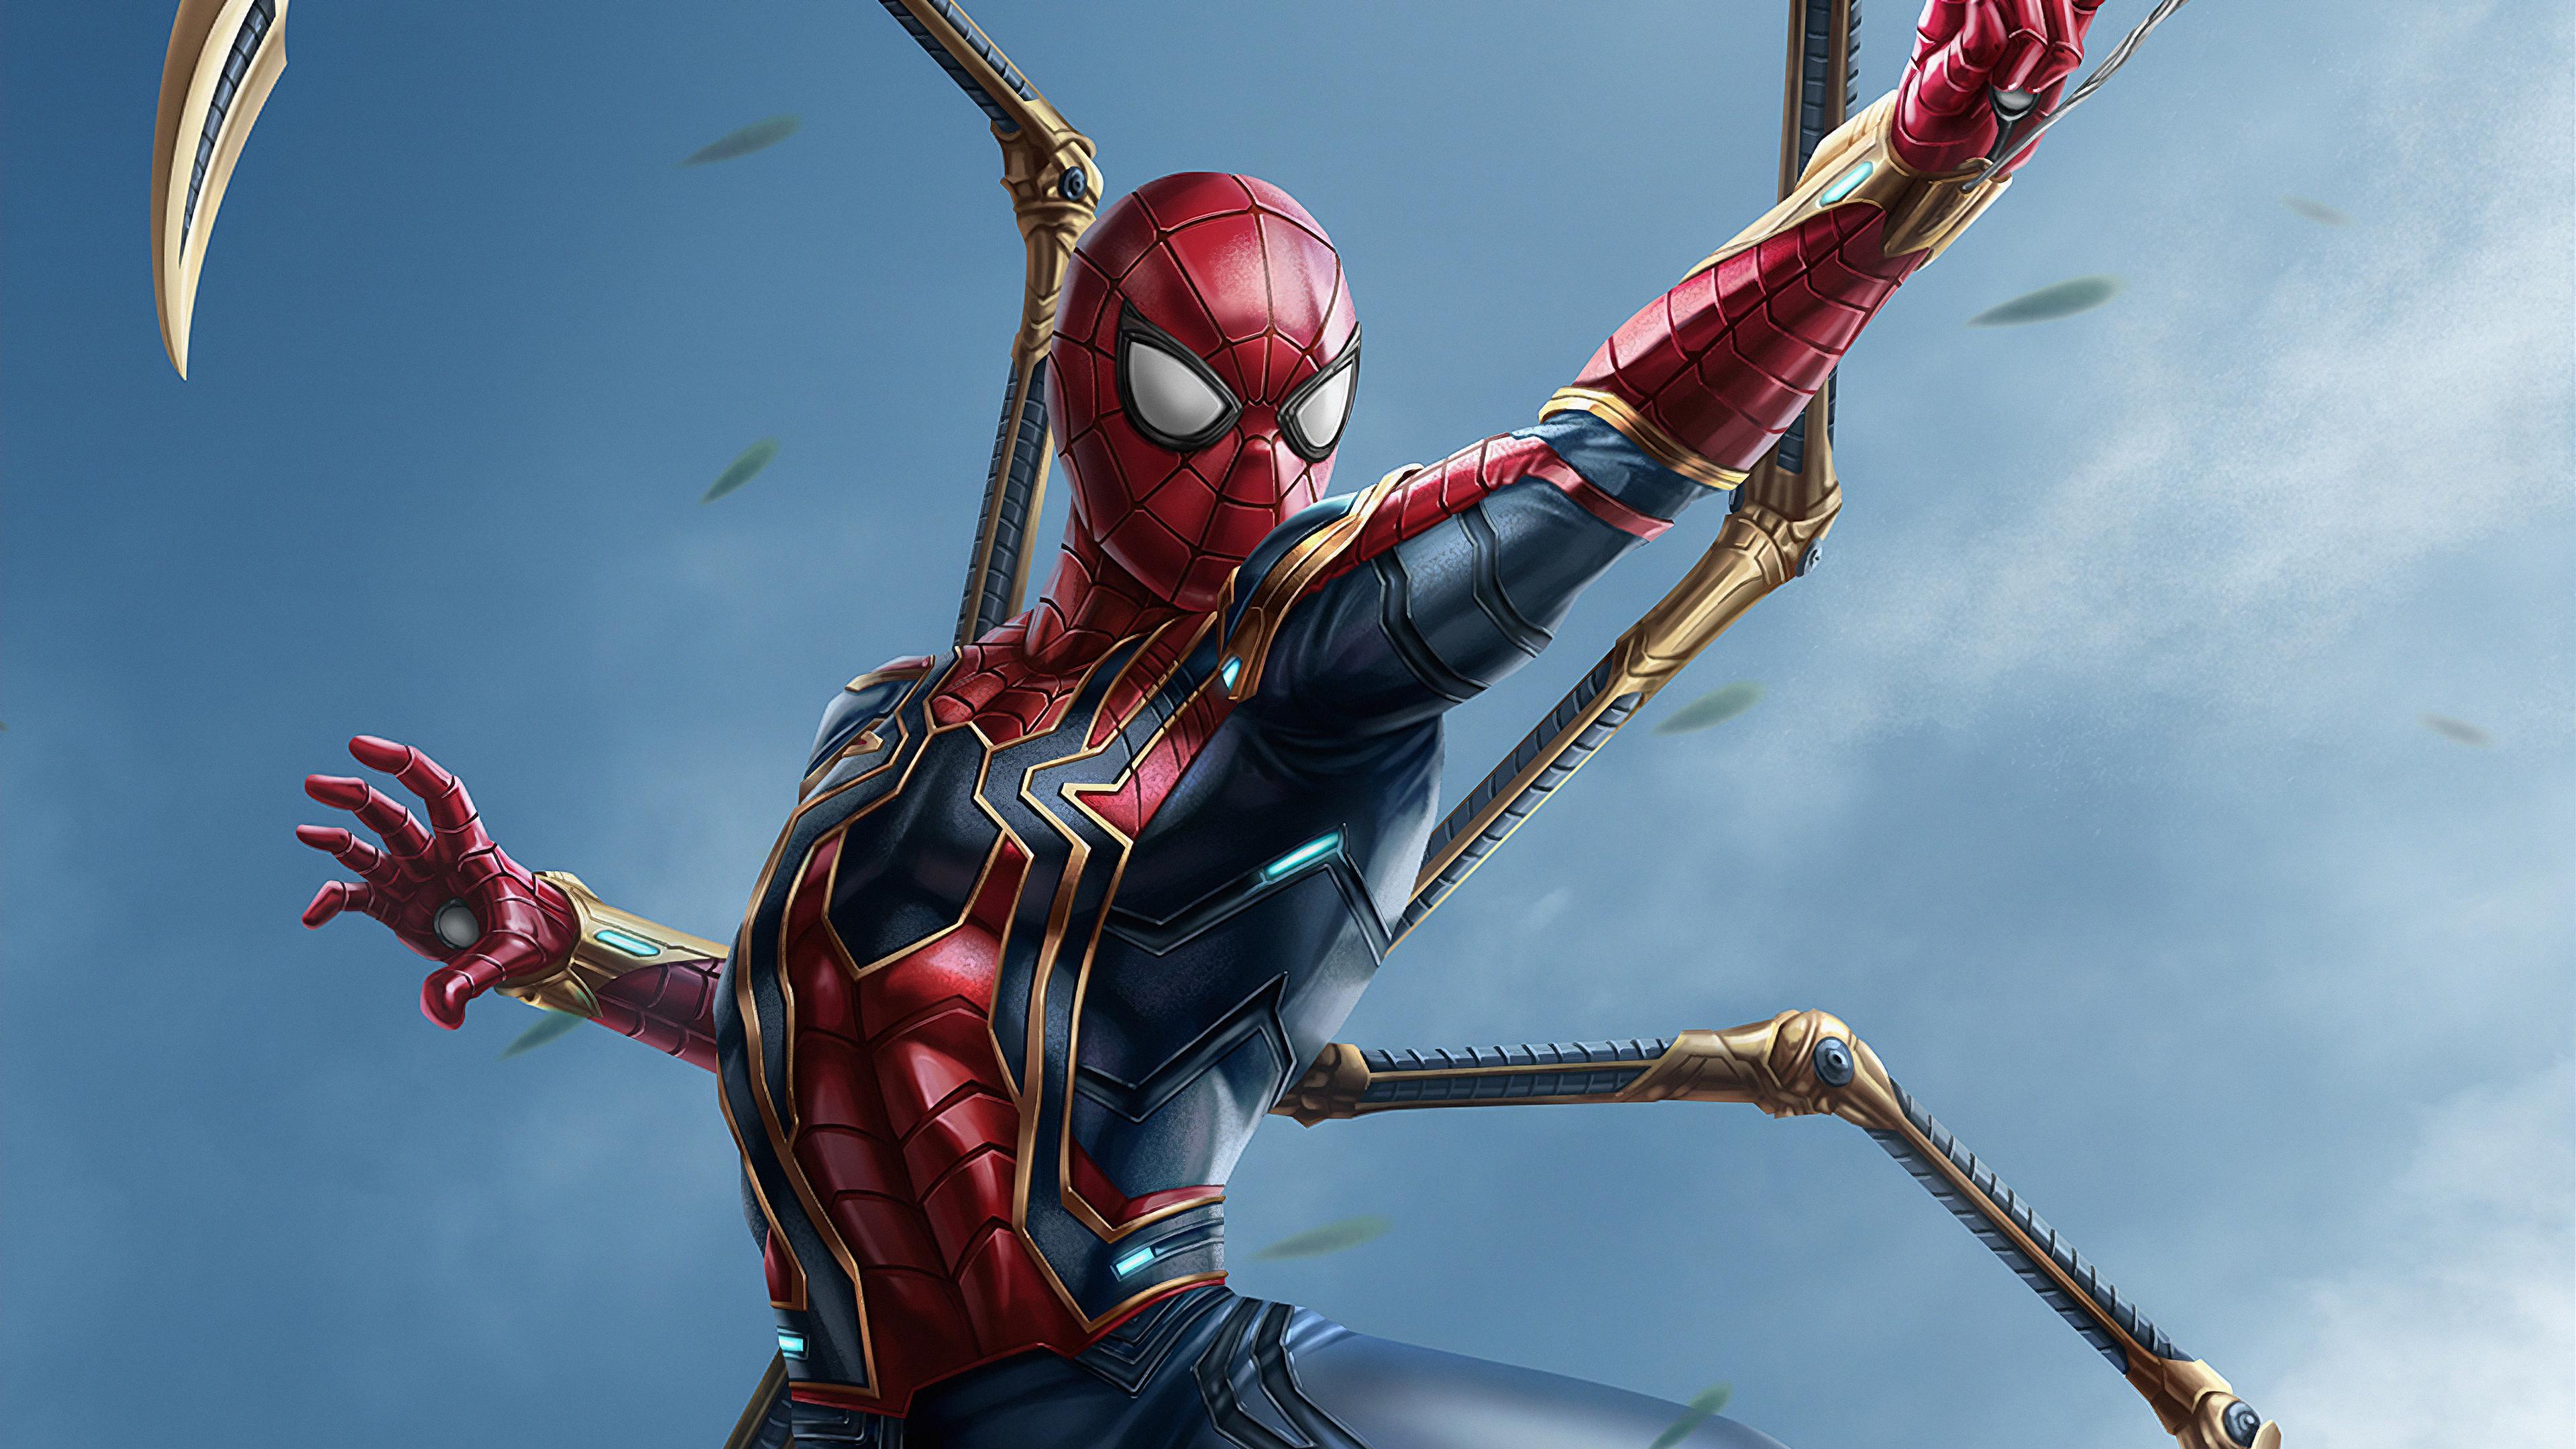 Wallpaper 4k Iron Spiderman New Suit 4k Wallpapers Artist